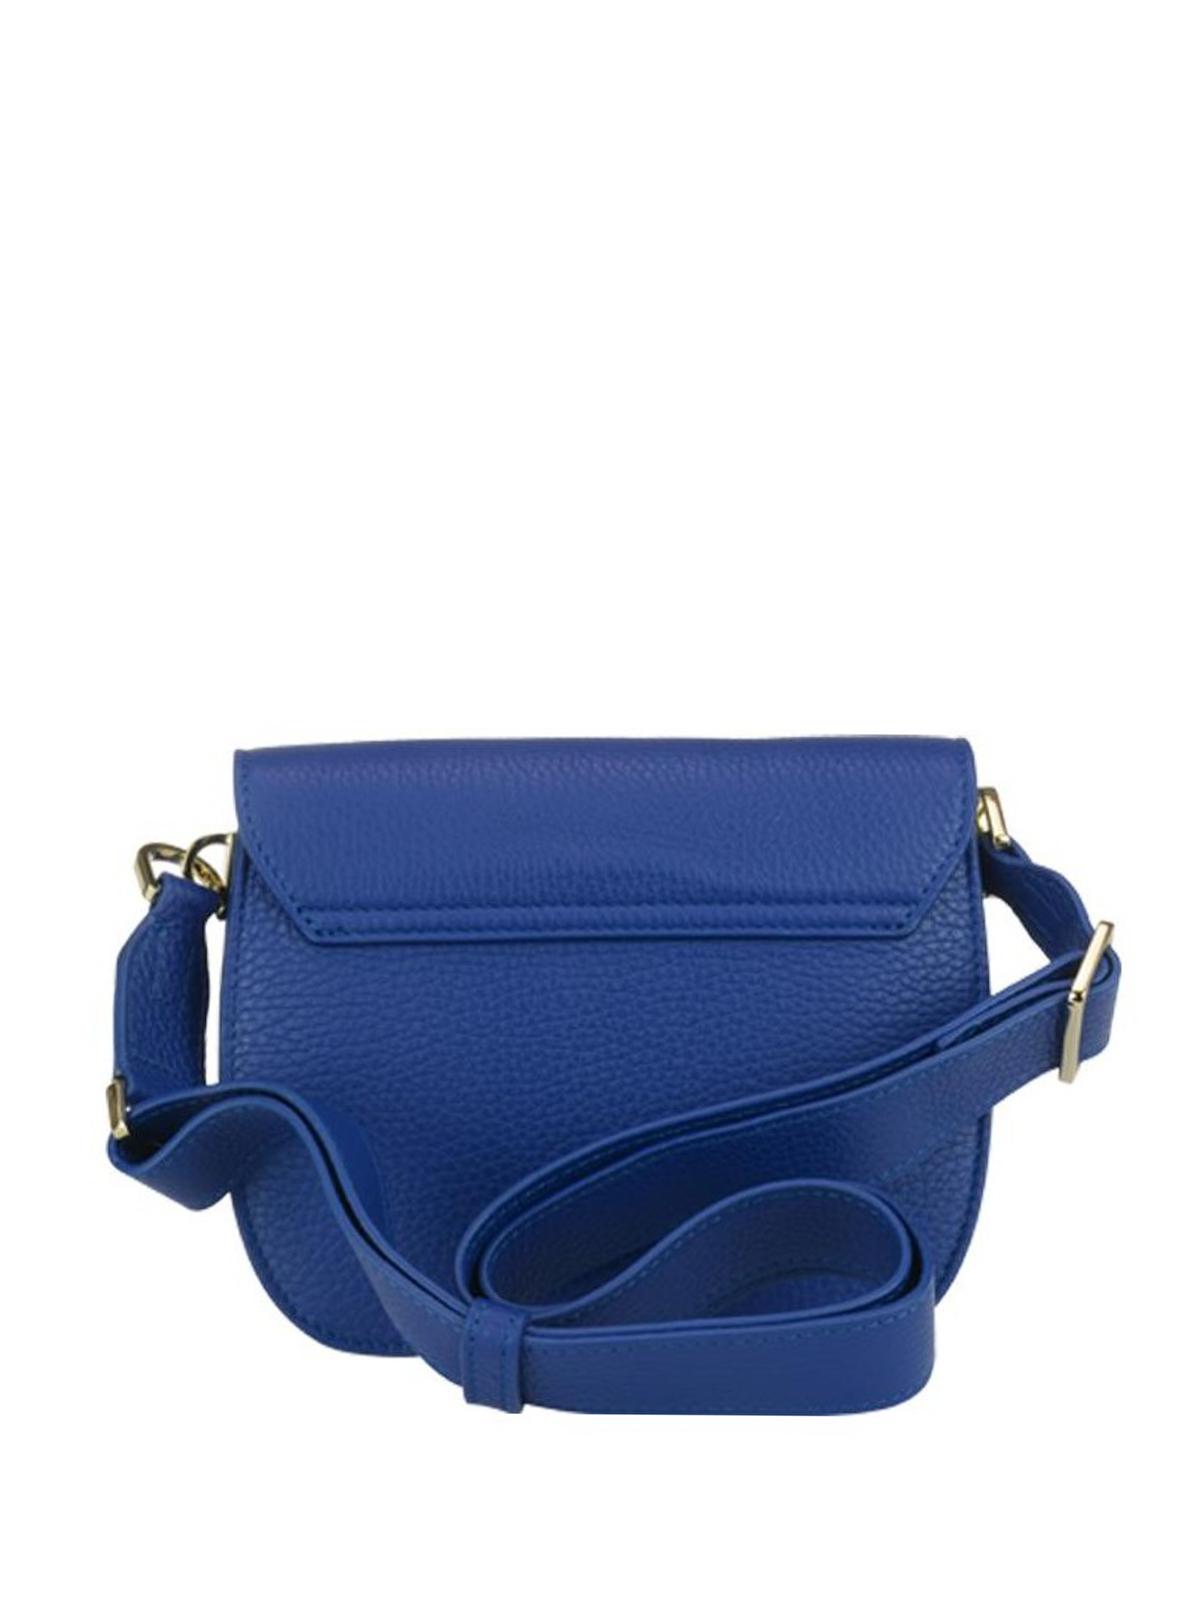 70a26db7ba Ducale Furla in a Mini pelle tracolla borse blu 941440 tracolla qqr6xE